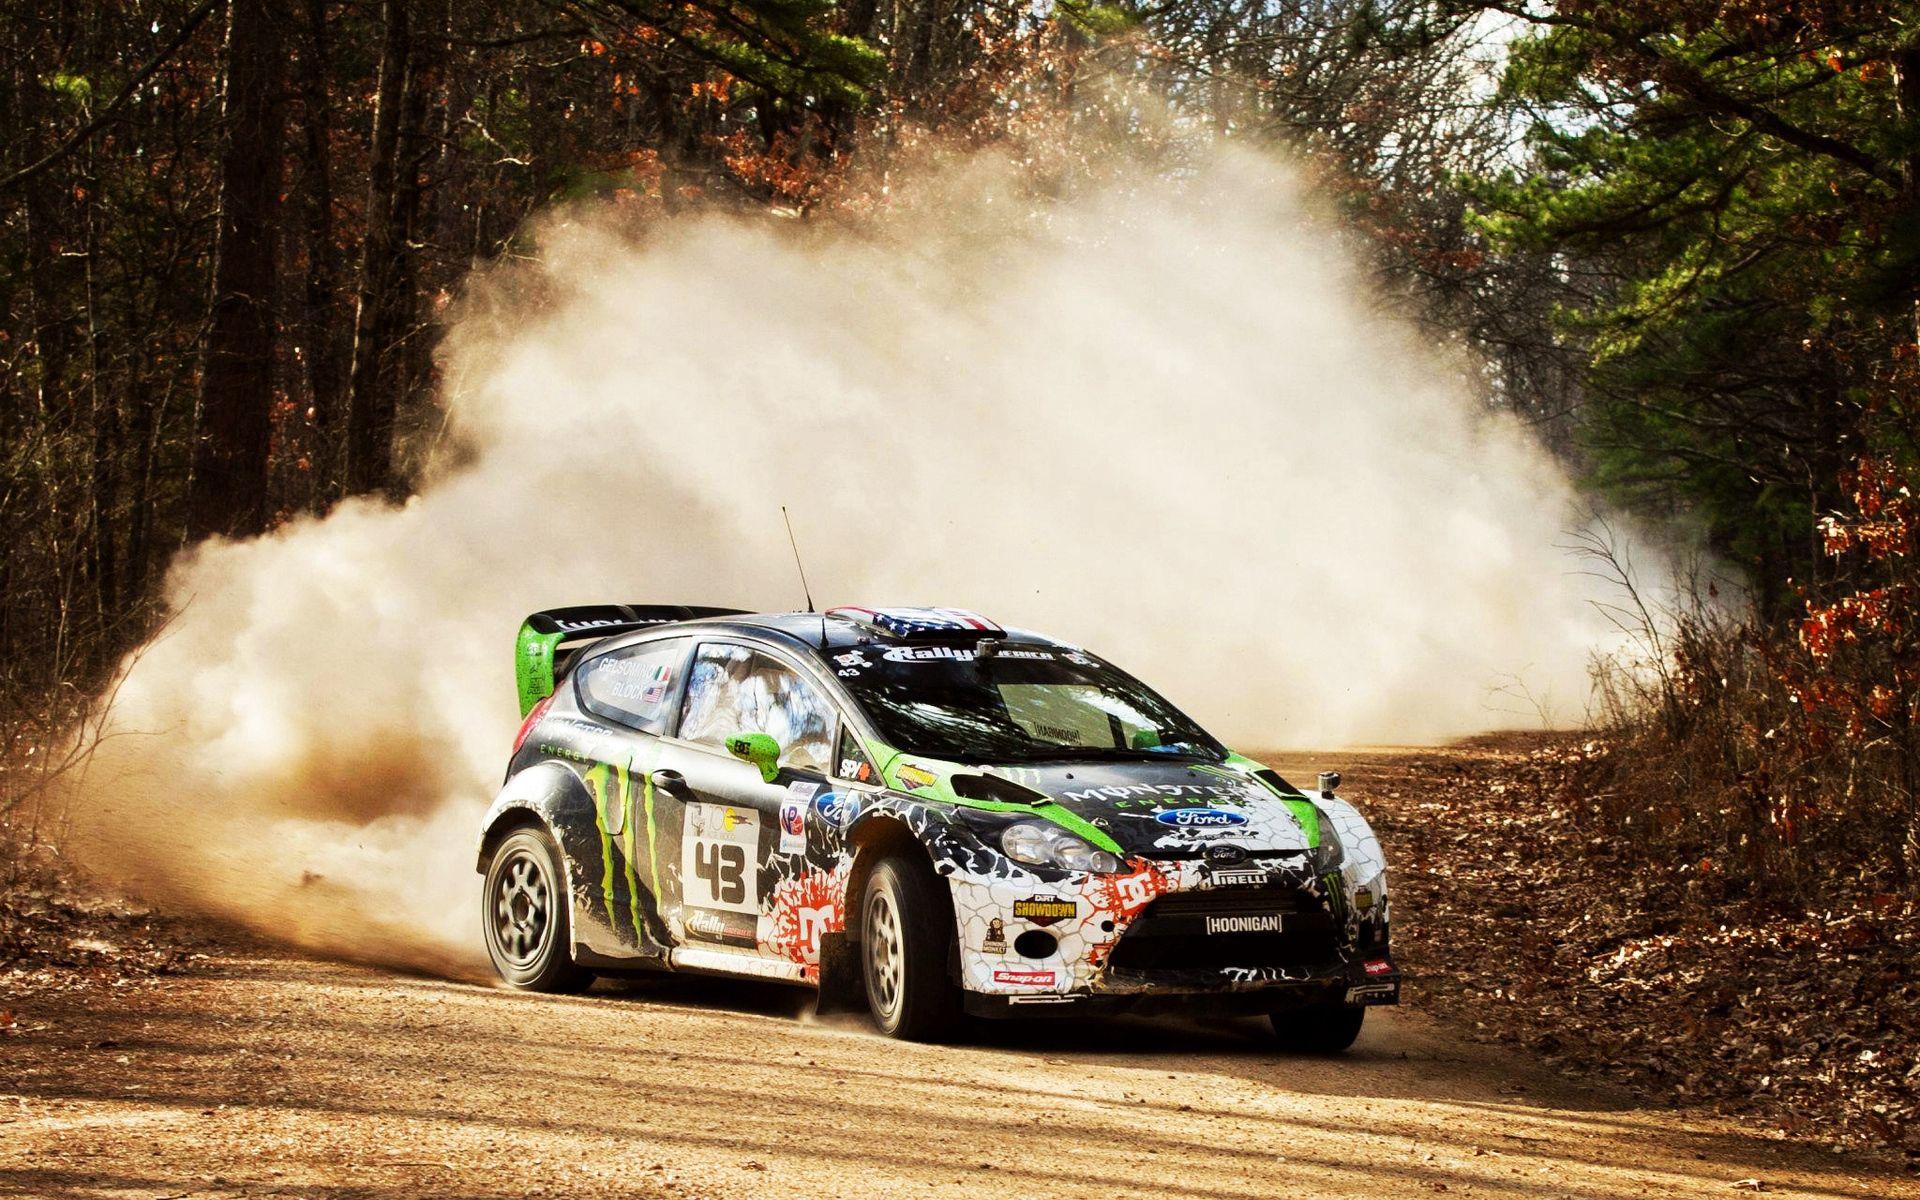 52215 Hintergrundbild herunterladen Rallye, Sport, Stones, Staub, Schmutz, 2012, Drift, Wrc, Ford Fiesta, Showdown - Bildschirmschoner und Bilder kostenlos